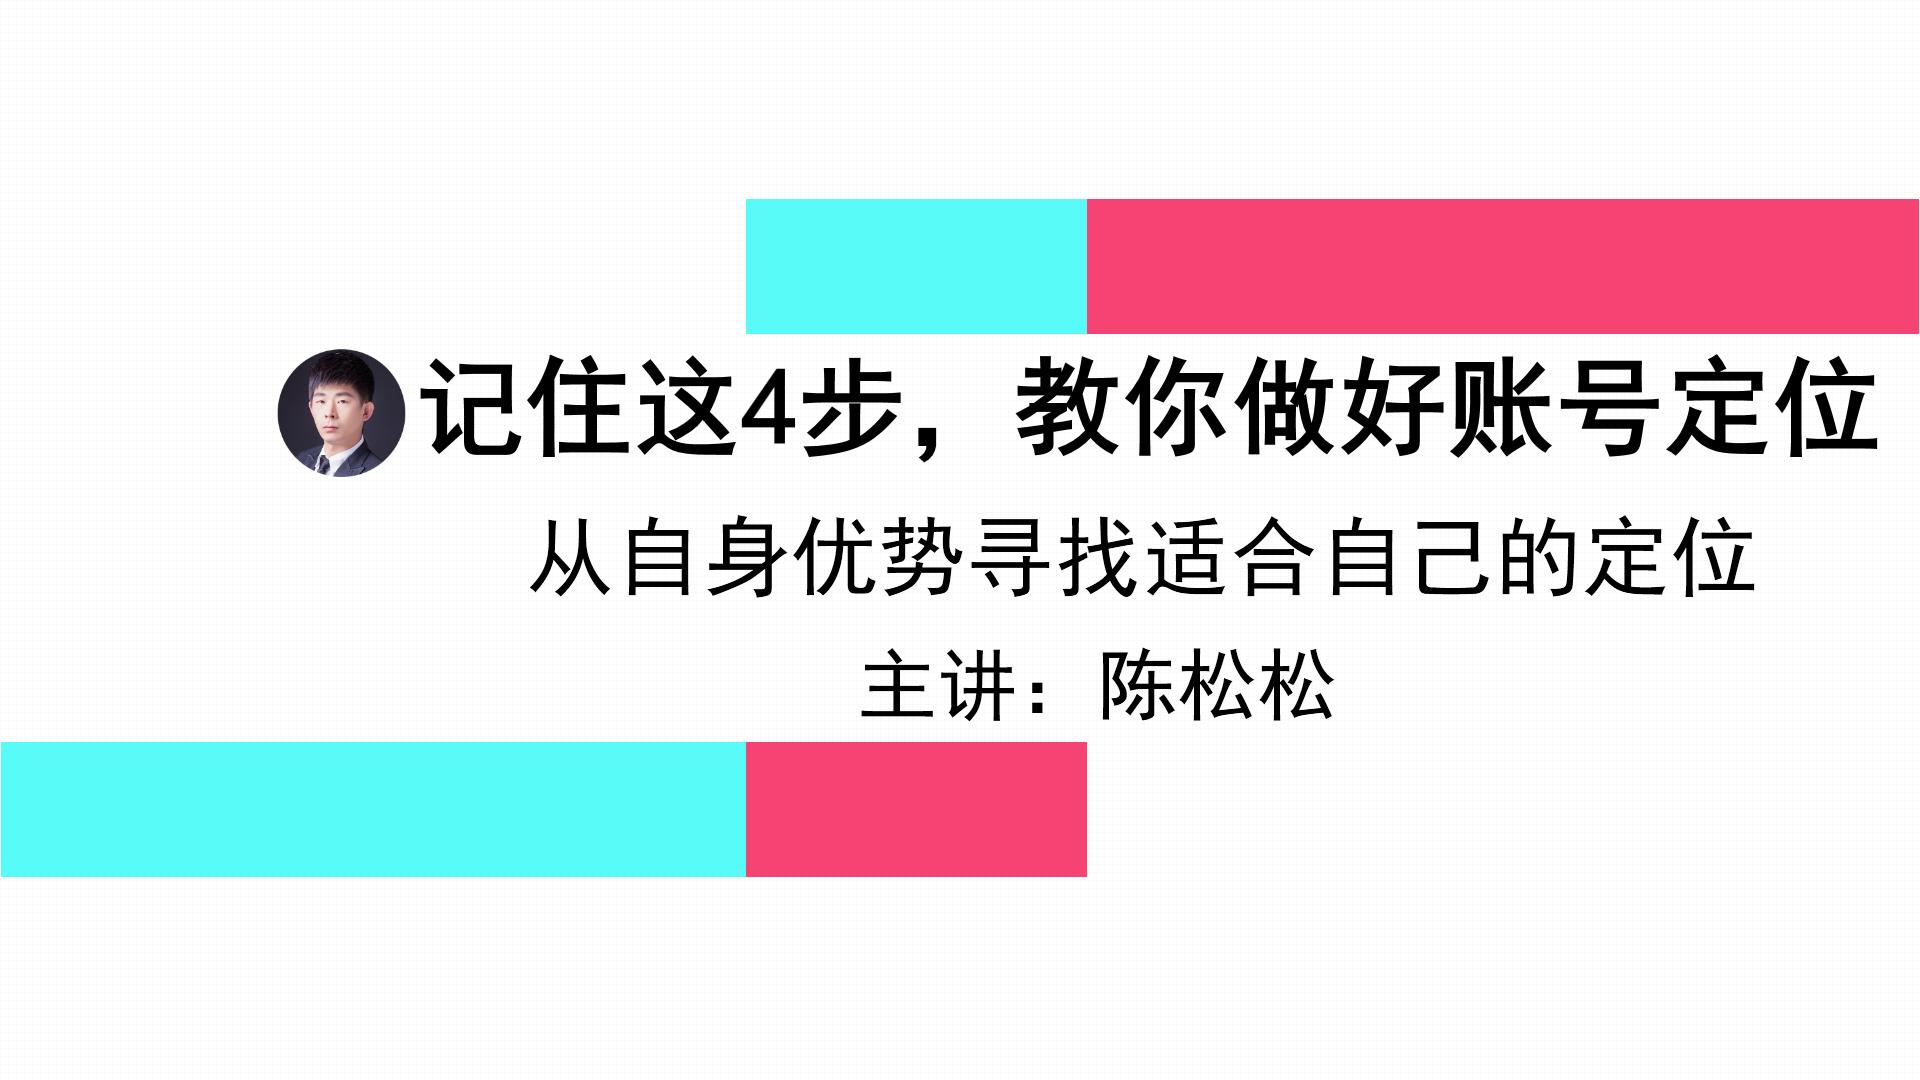 陈松松:新人不会做抖音账号定位,只需记住这4步,帮你找到清晰方向